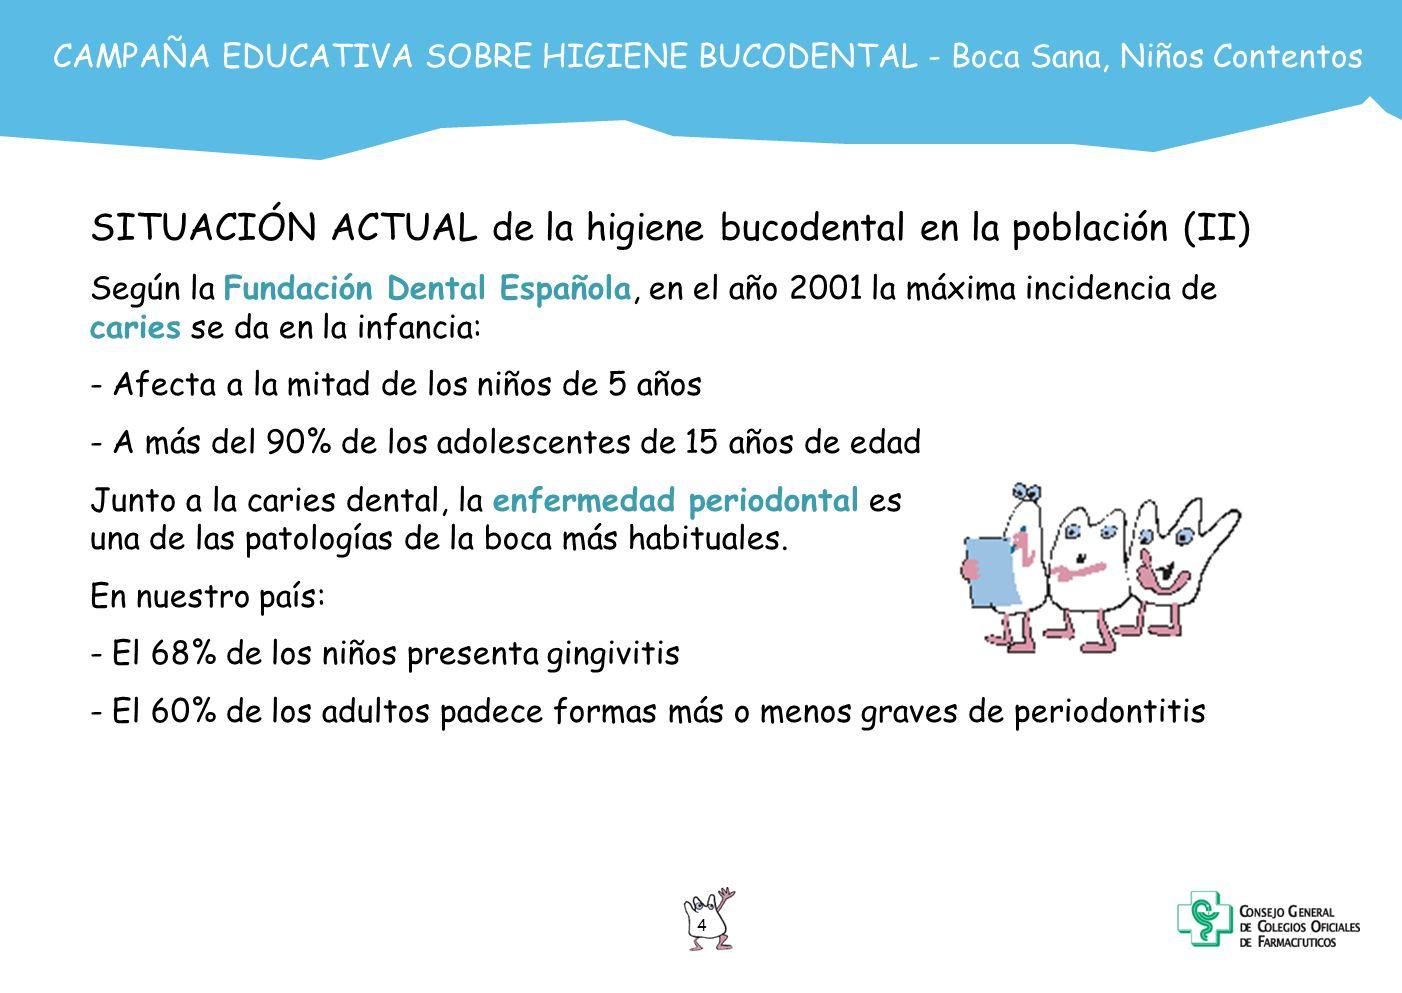 CAMPAÑA EDUCATIVA SOBRE HIGIENE BUCODENTAL - Boca Sana, Niños Contentos 4 SITUACIÓN ACTUAL de la higiene bucodental en la población (II) Según la Fund